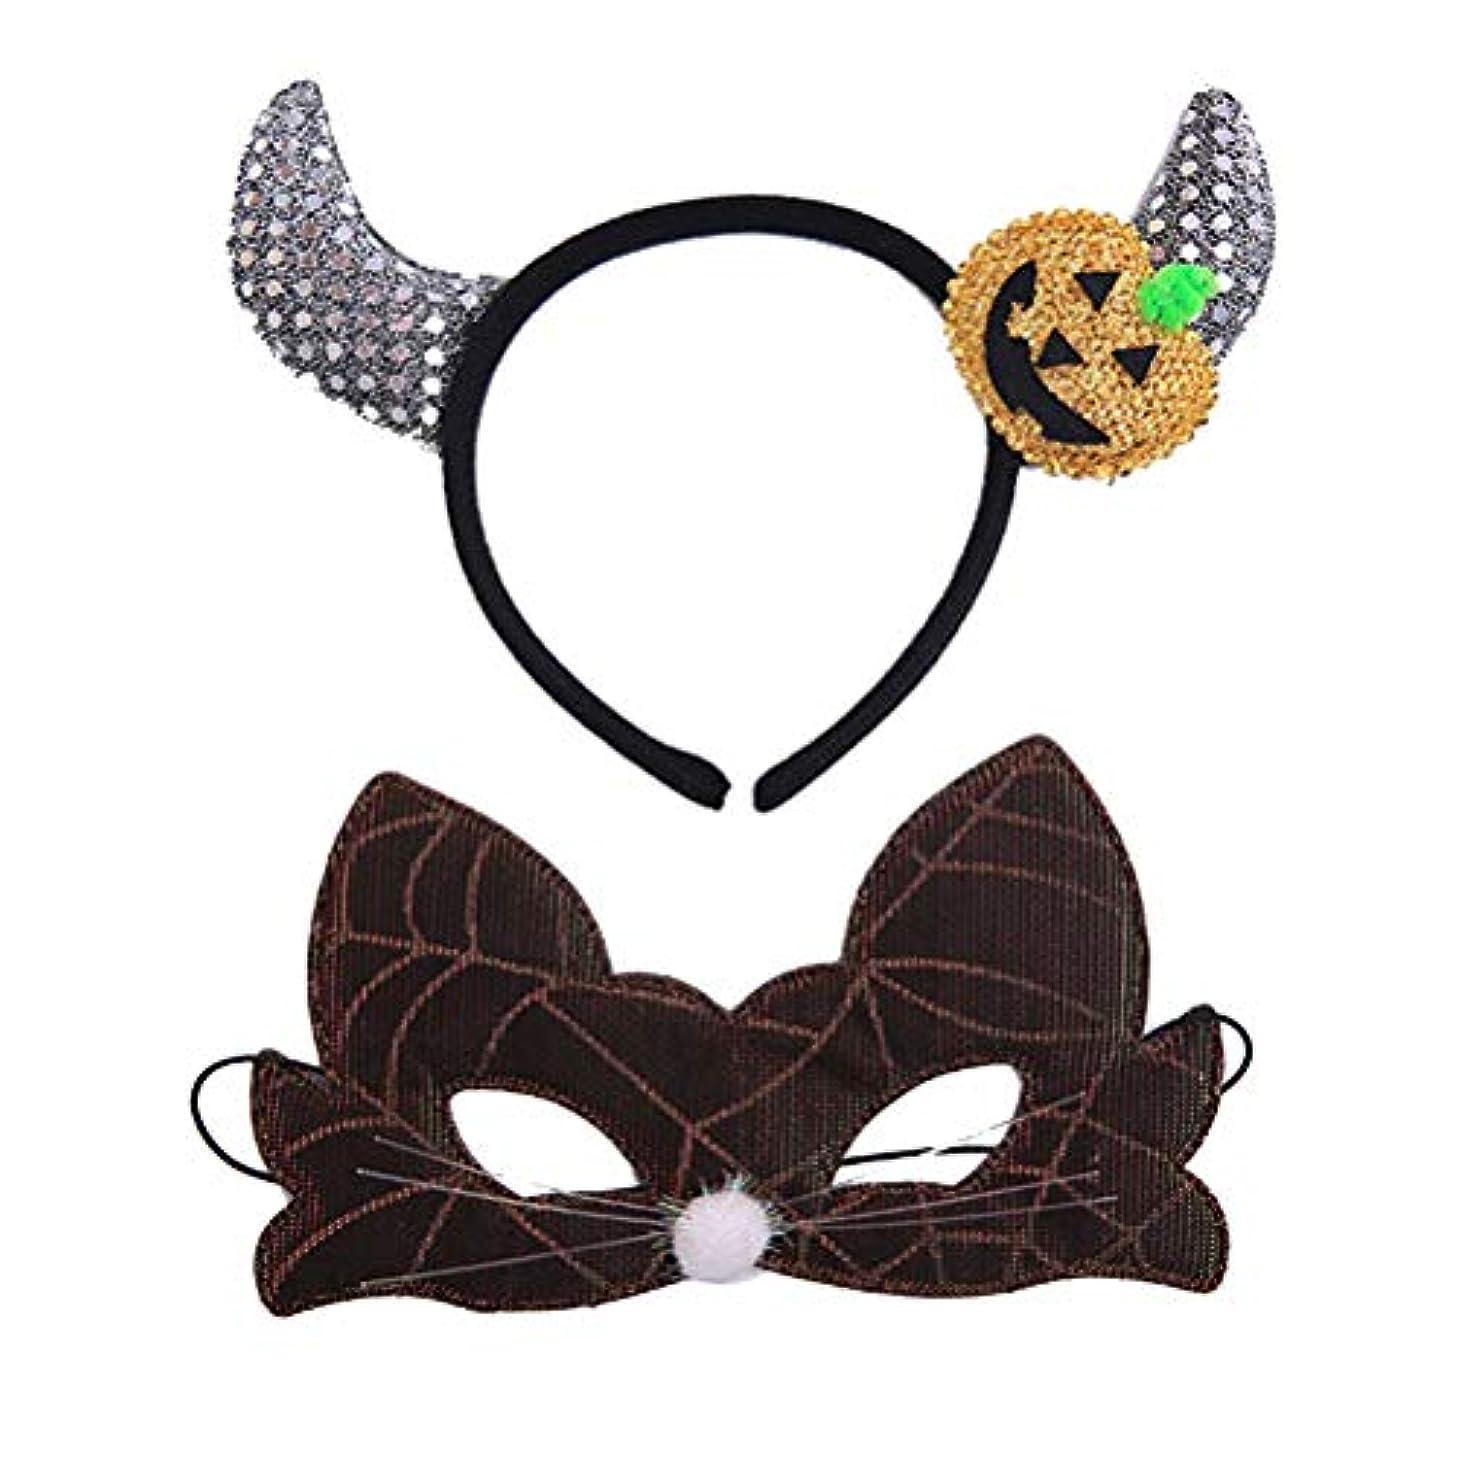 恵みオゾン装備するBESTOYARD ハロウィーン悪魔ホーンヘッドバンドとアイマスク子供コスプレホーンヘッドギアドレスアップパーティー衣装(2セット)